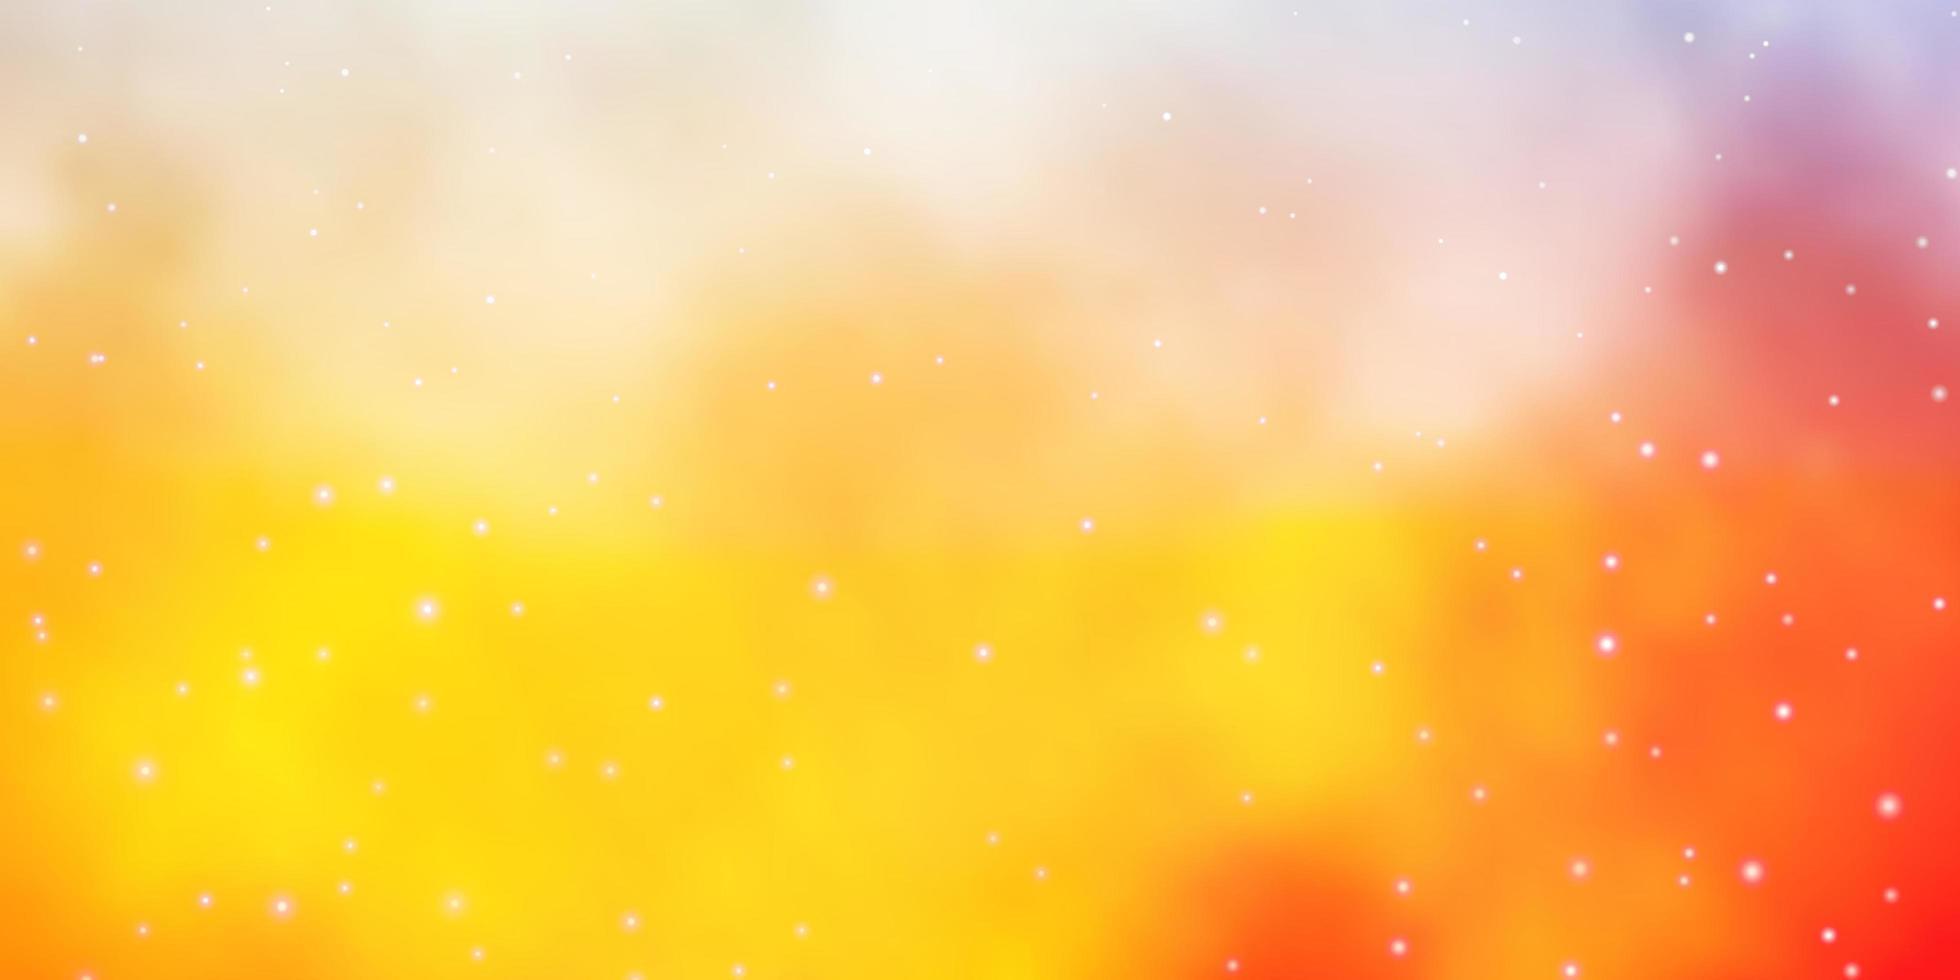 mise en page jaune avec des étoiles brillantes. vecteur